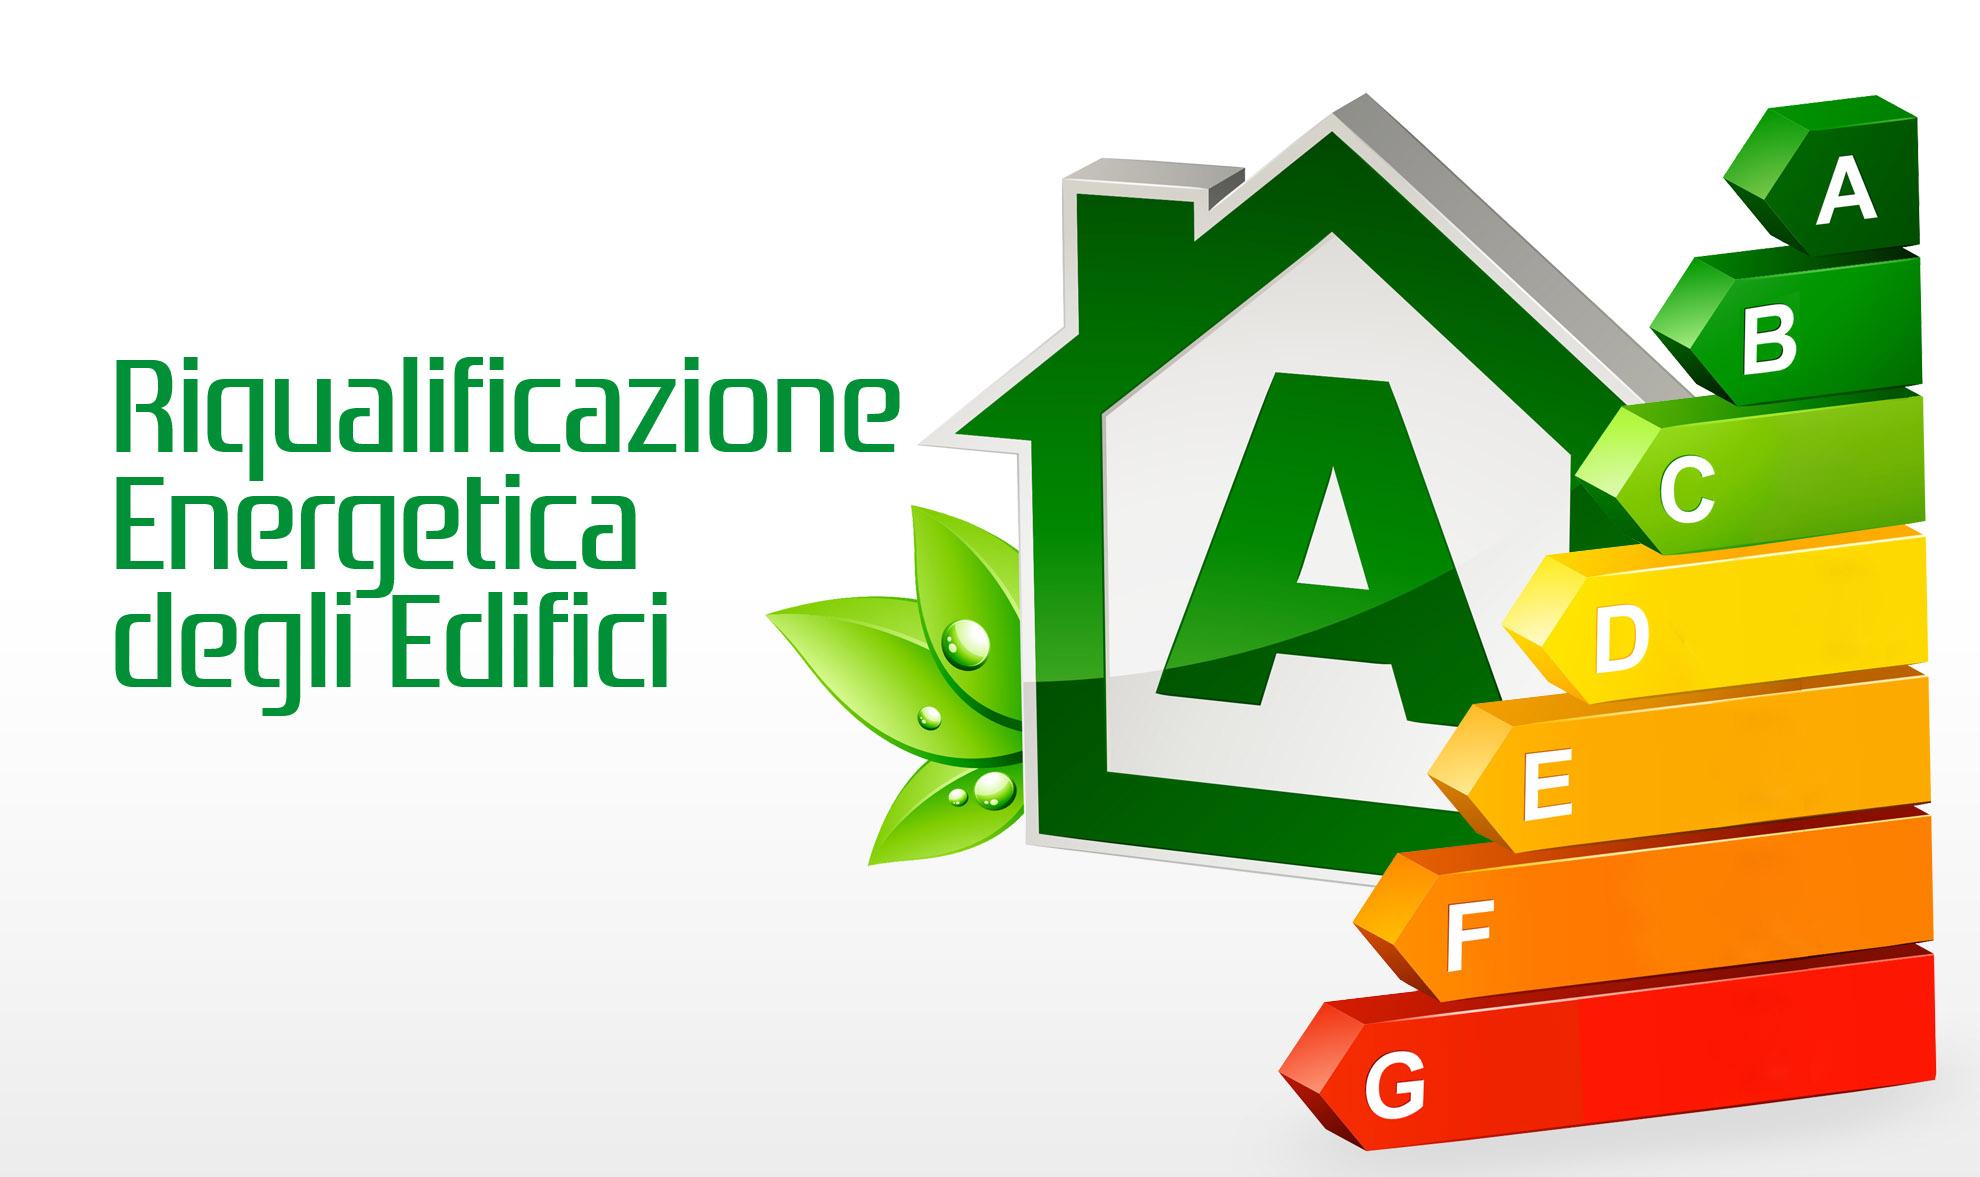 Riqualificazione energetica di un edificio: come intervenire sulle intercapedini di casa